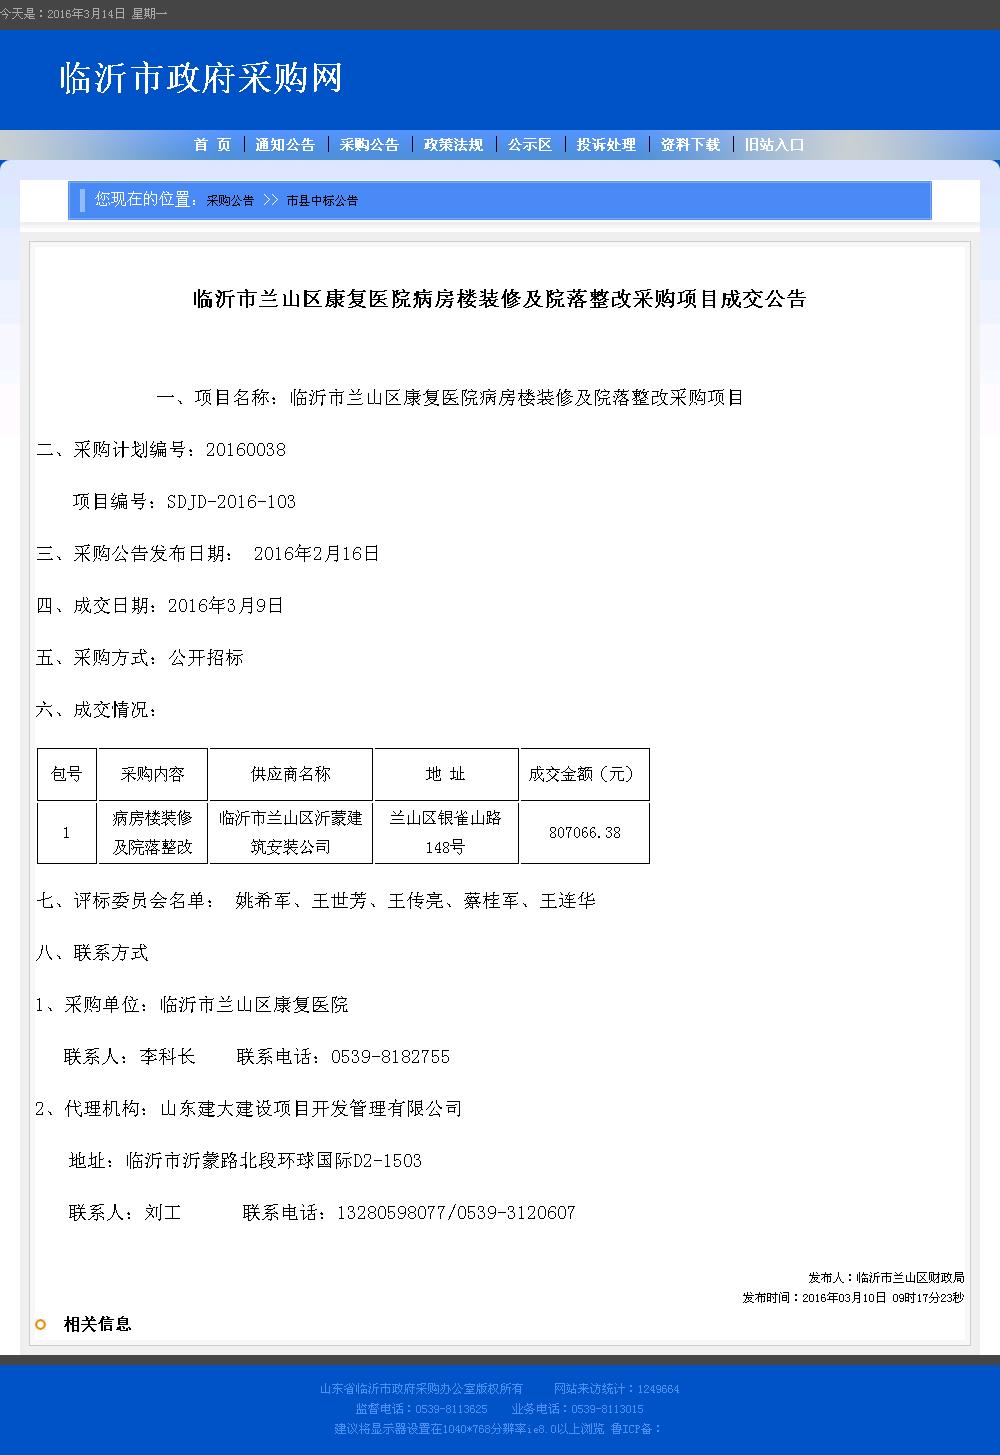 临沂市兰山区沂蒙建筑安装机械v机械图表便览pdf图片